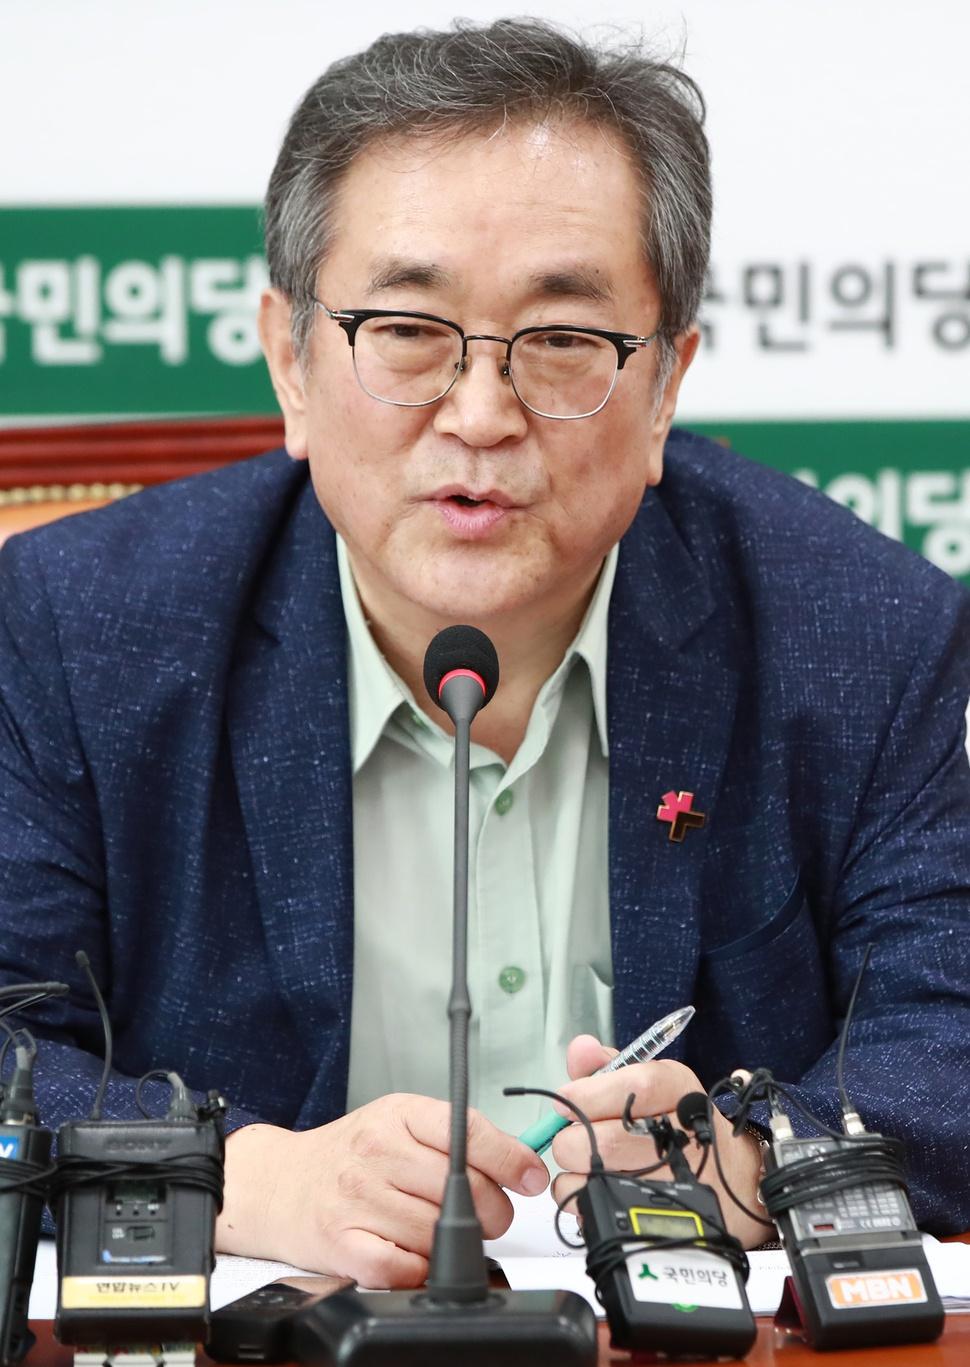 김태일 국민의당 혁신위원장이 4일 오후 국회 당 대표실에서 열린 기자간담회에서 발언하고 있다. 연합뉴스